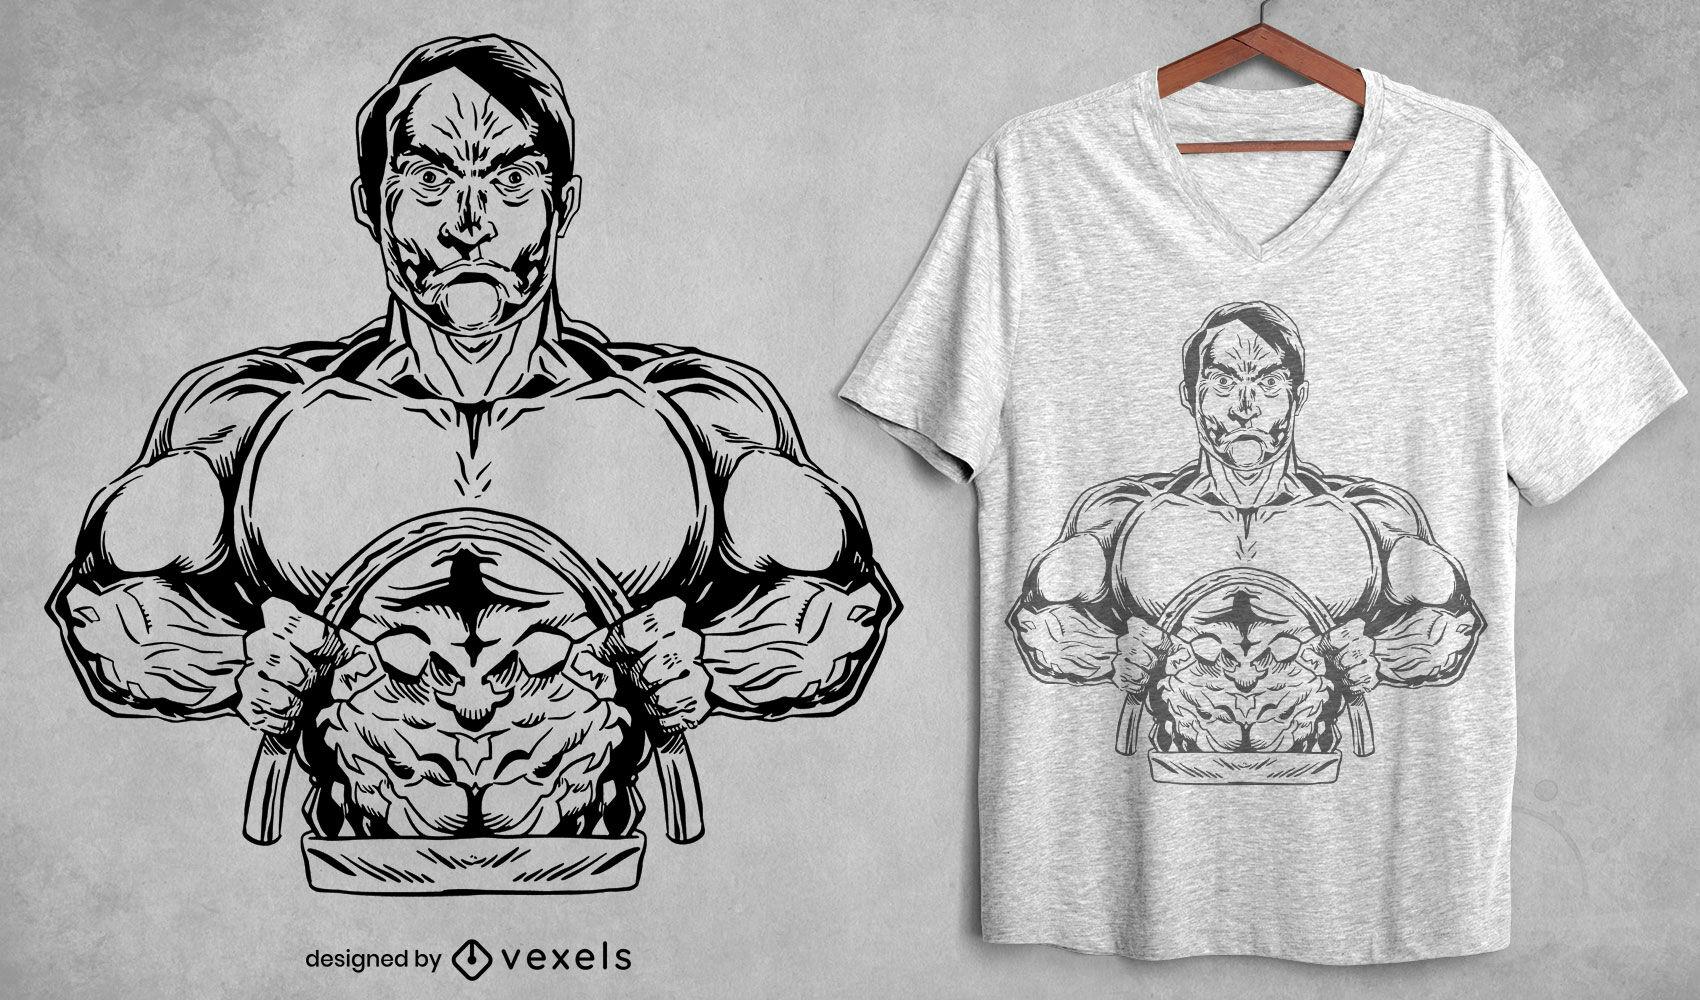 Muscle strong man t-shirt design